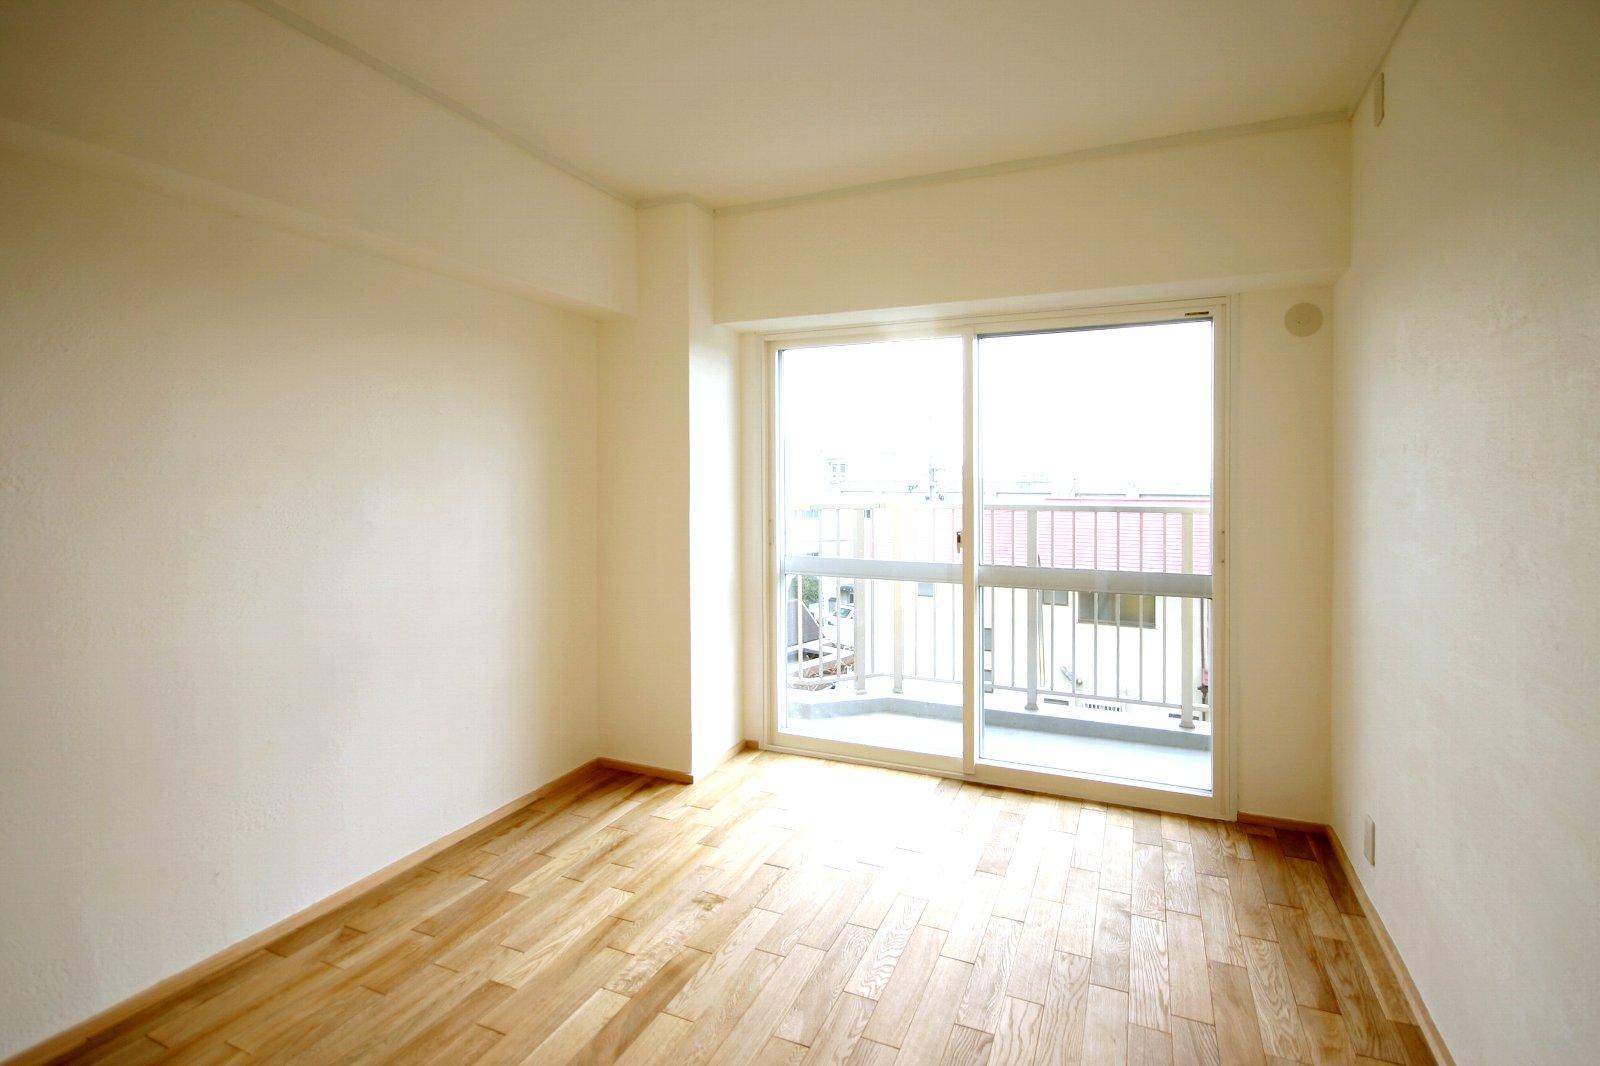 宝松苑の部屋 シンプルな寝室